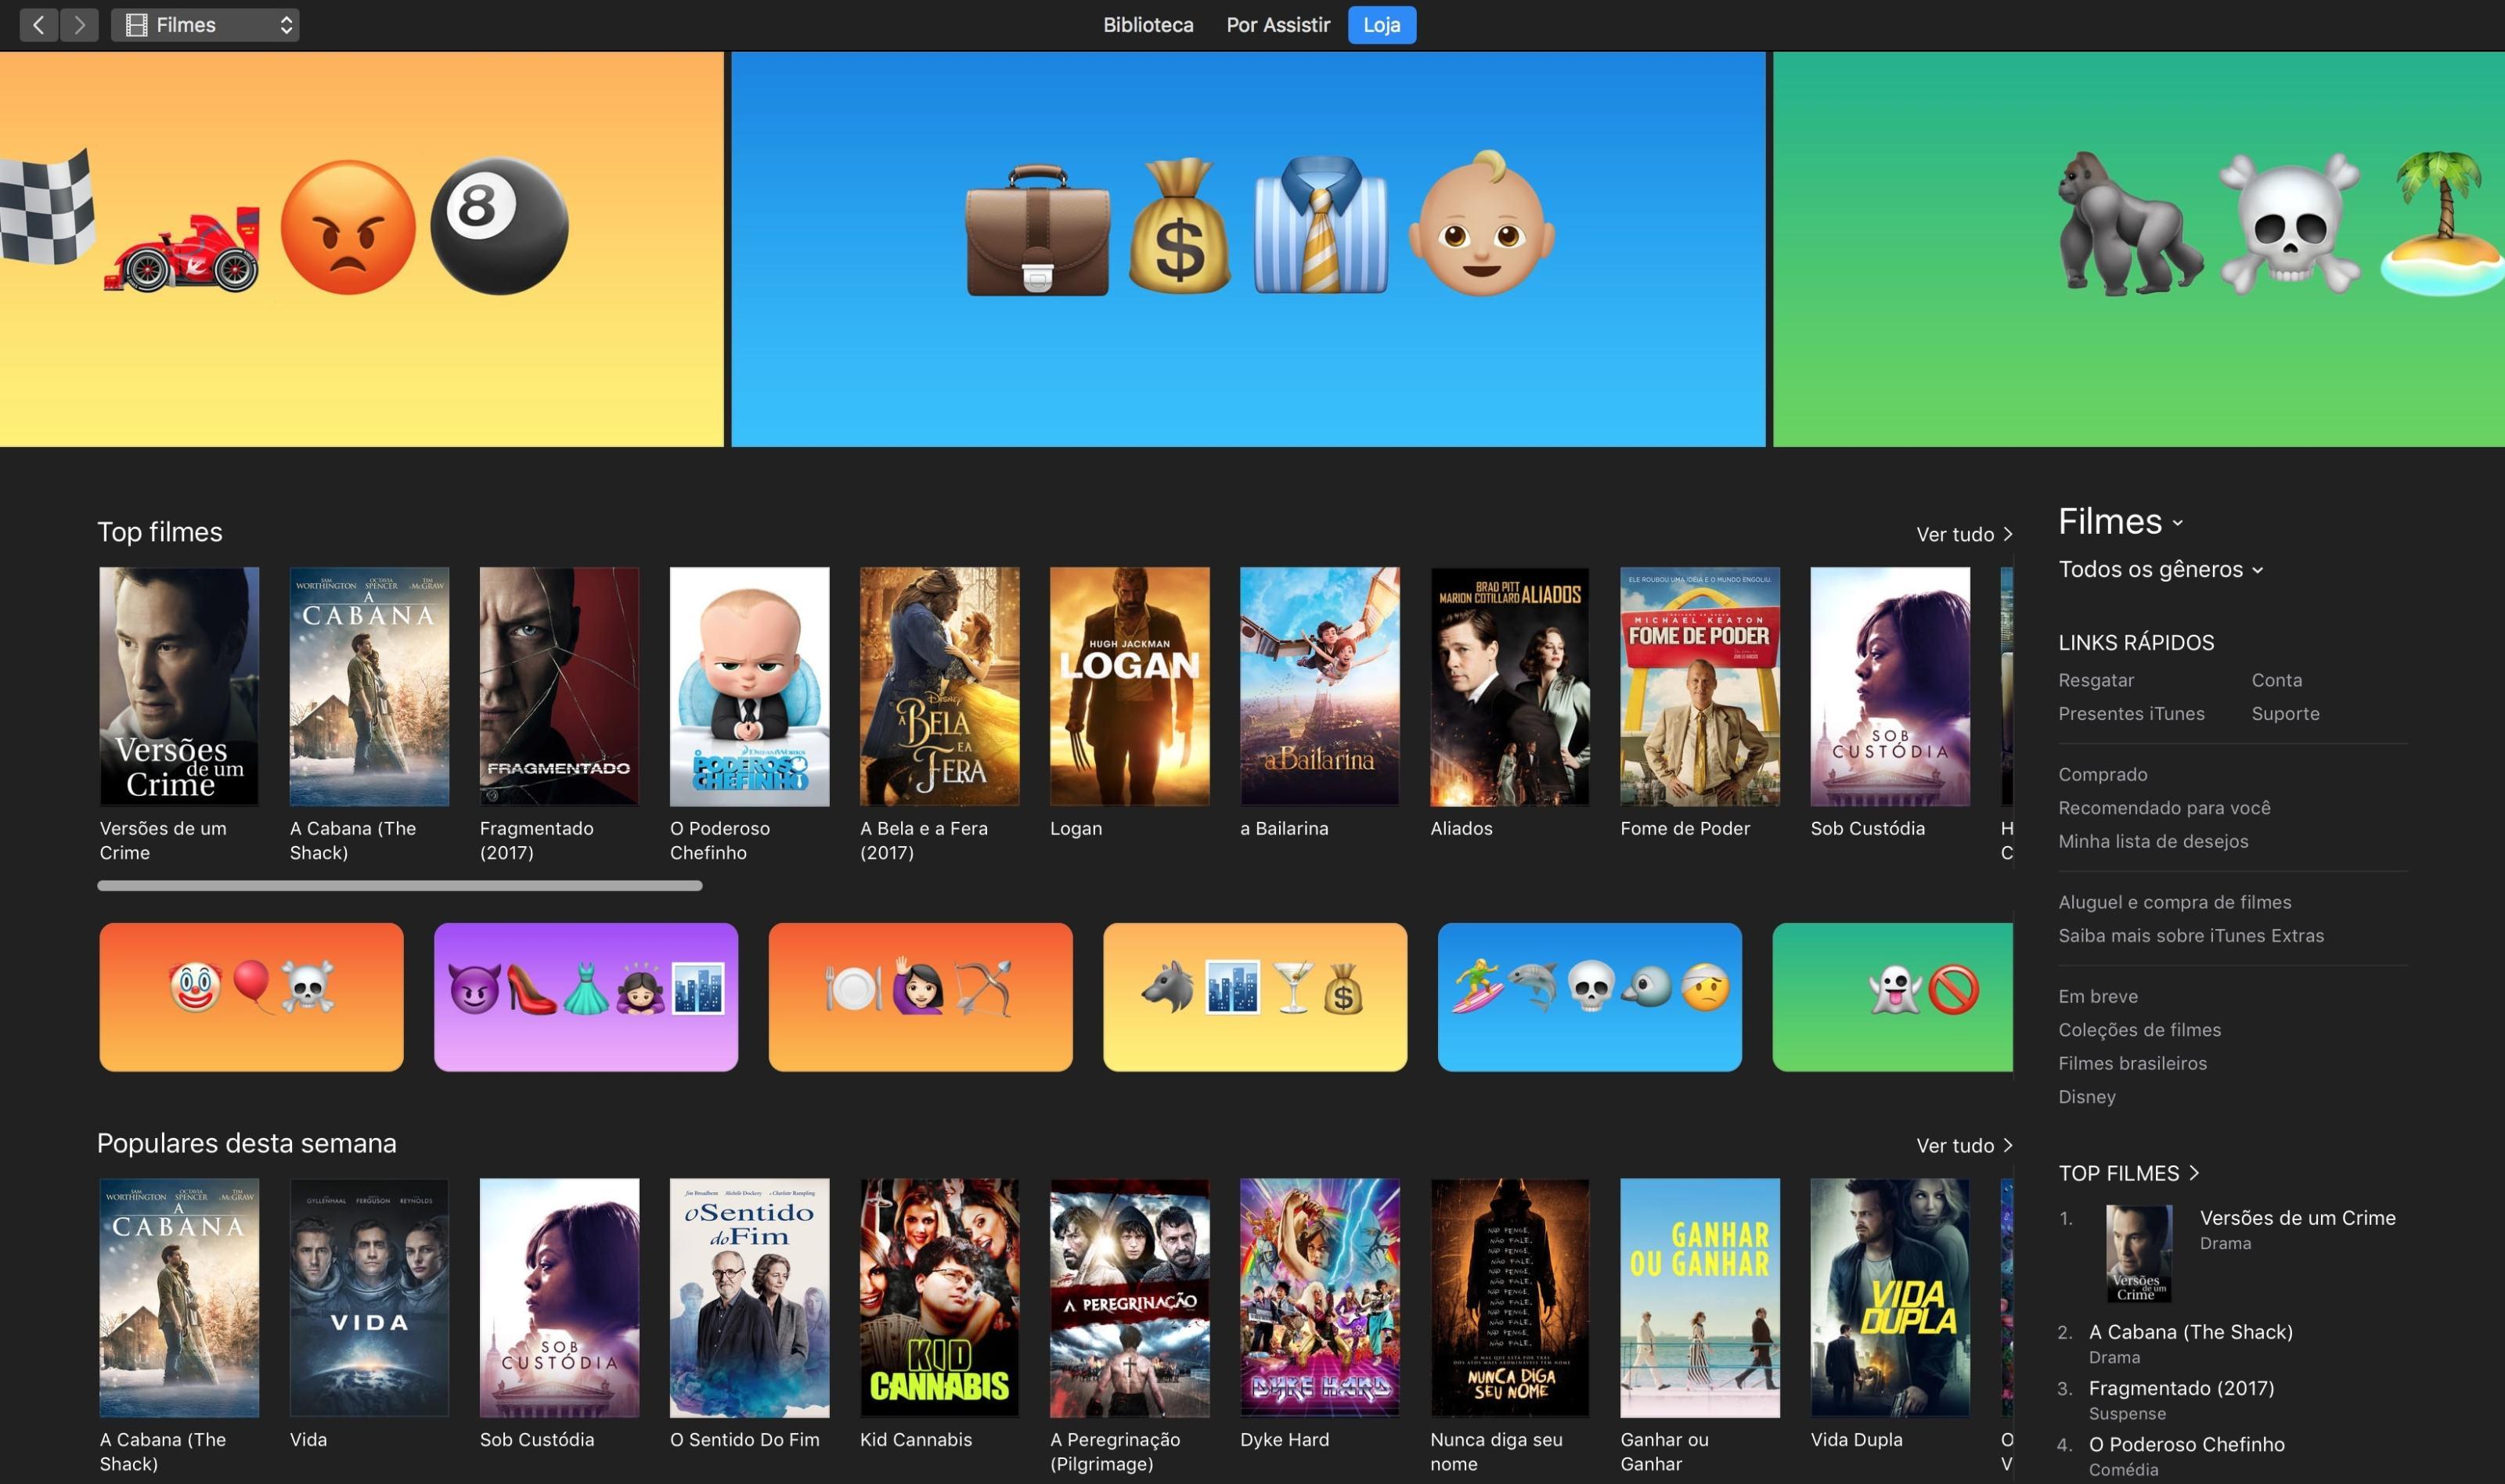 Emojis destacando os filmes da iTunes [Movie] Store